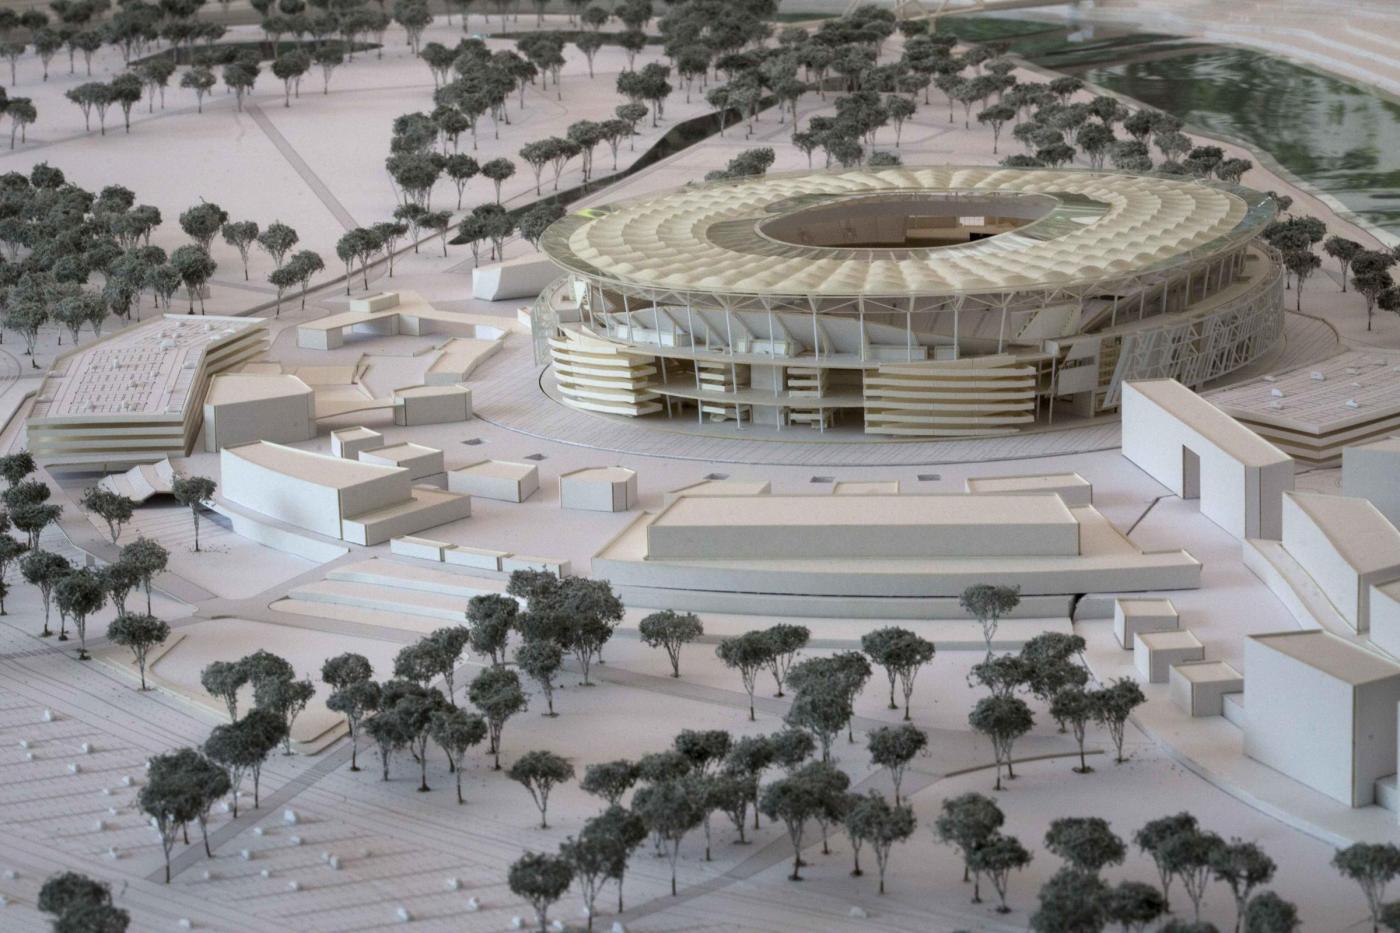 Presentazione del progetto del nuovo stadio della Roma